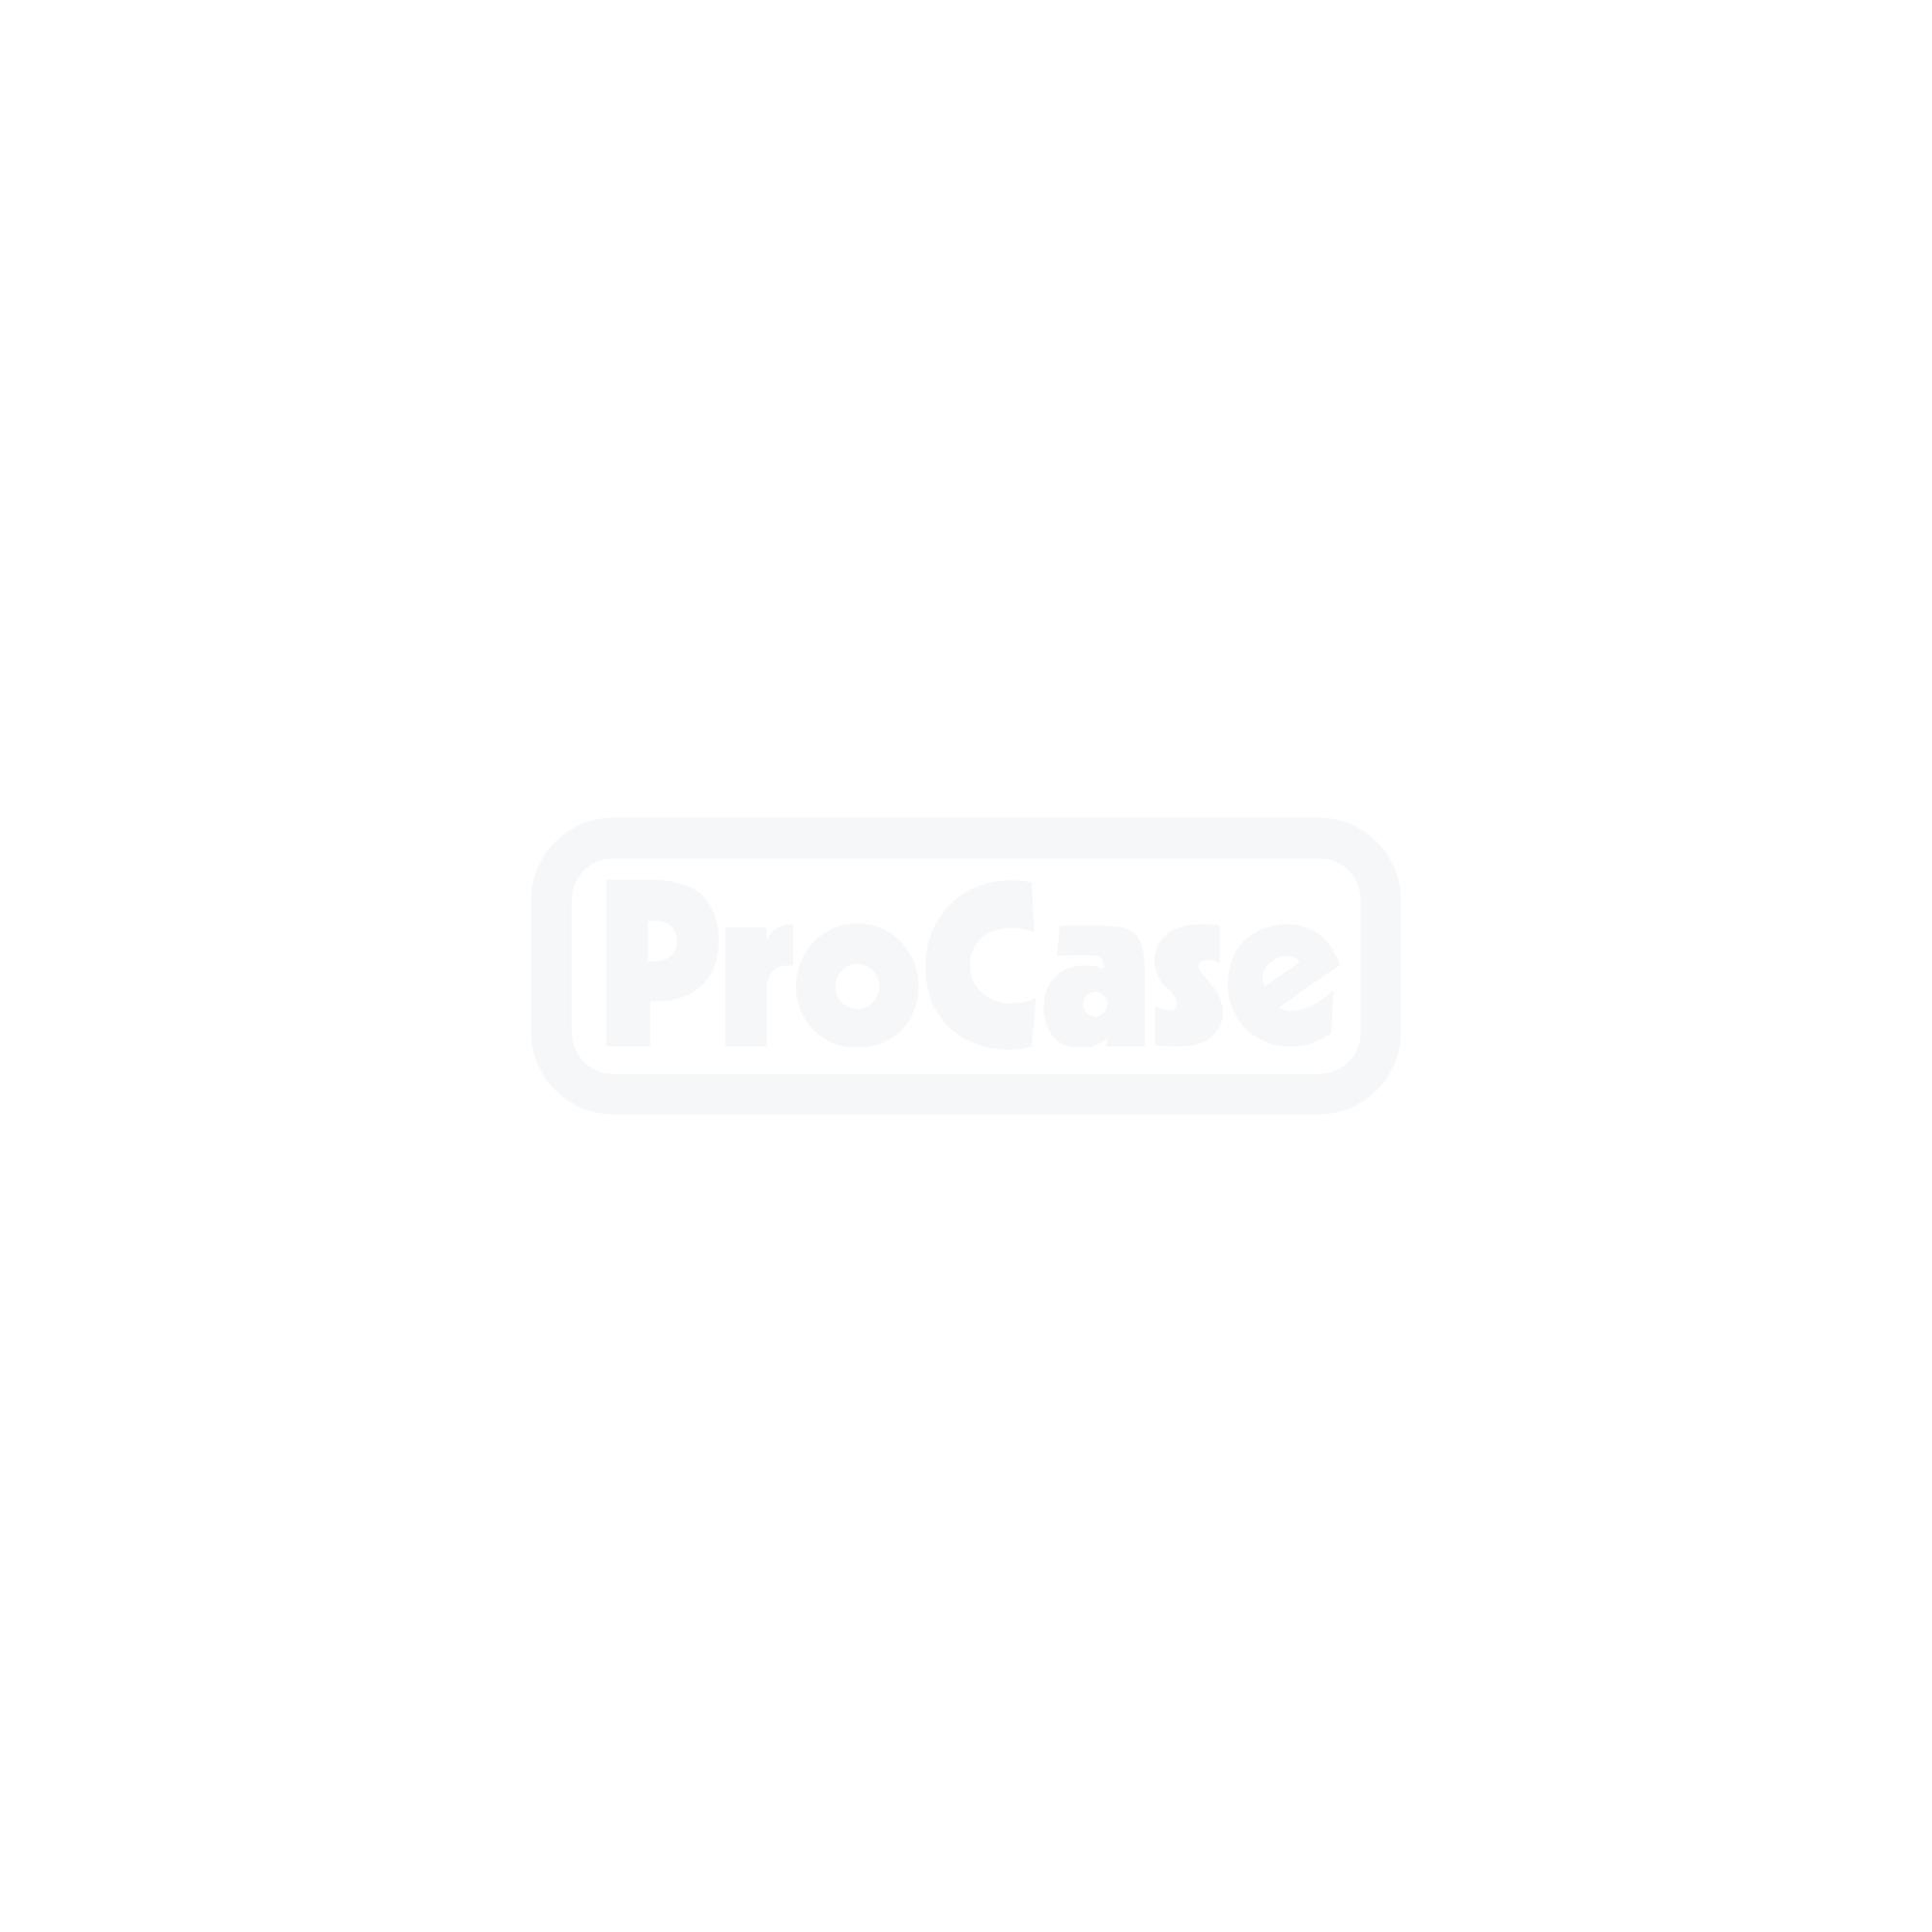 Flipcase für Allen&Heath dLive C1500 mit CDM32 4